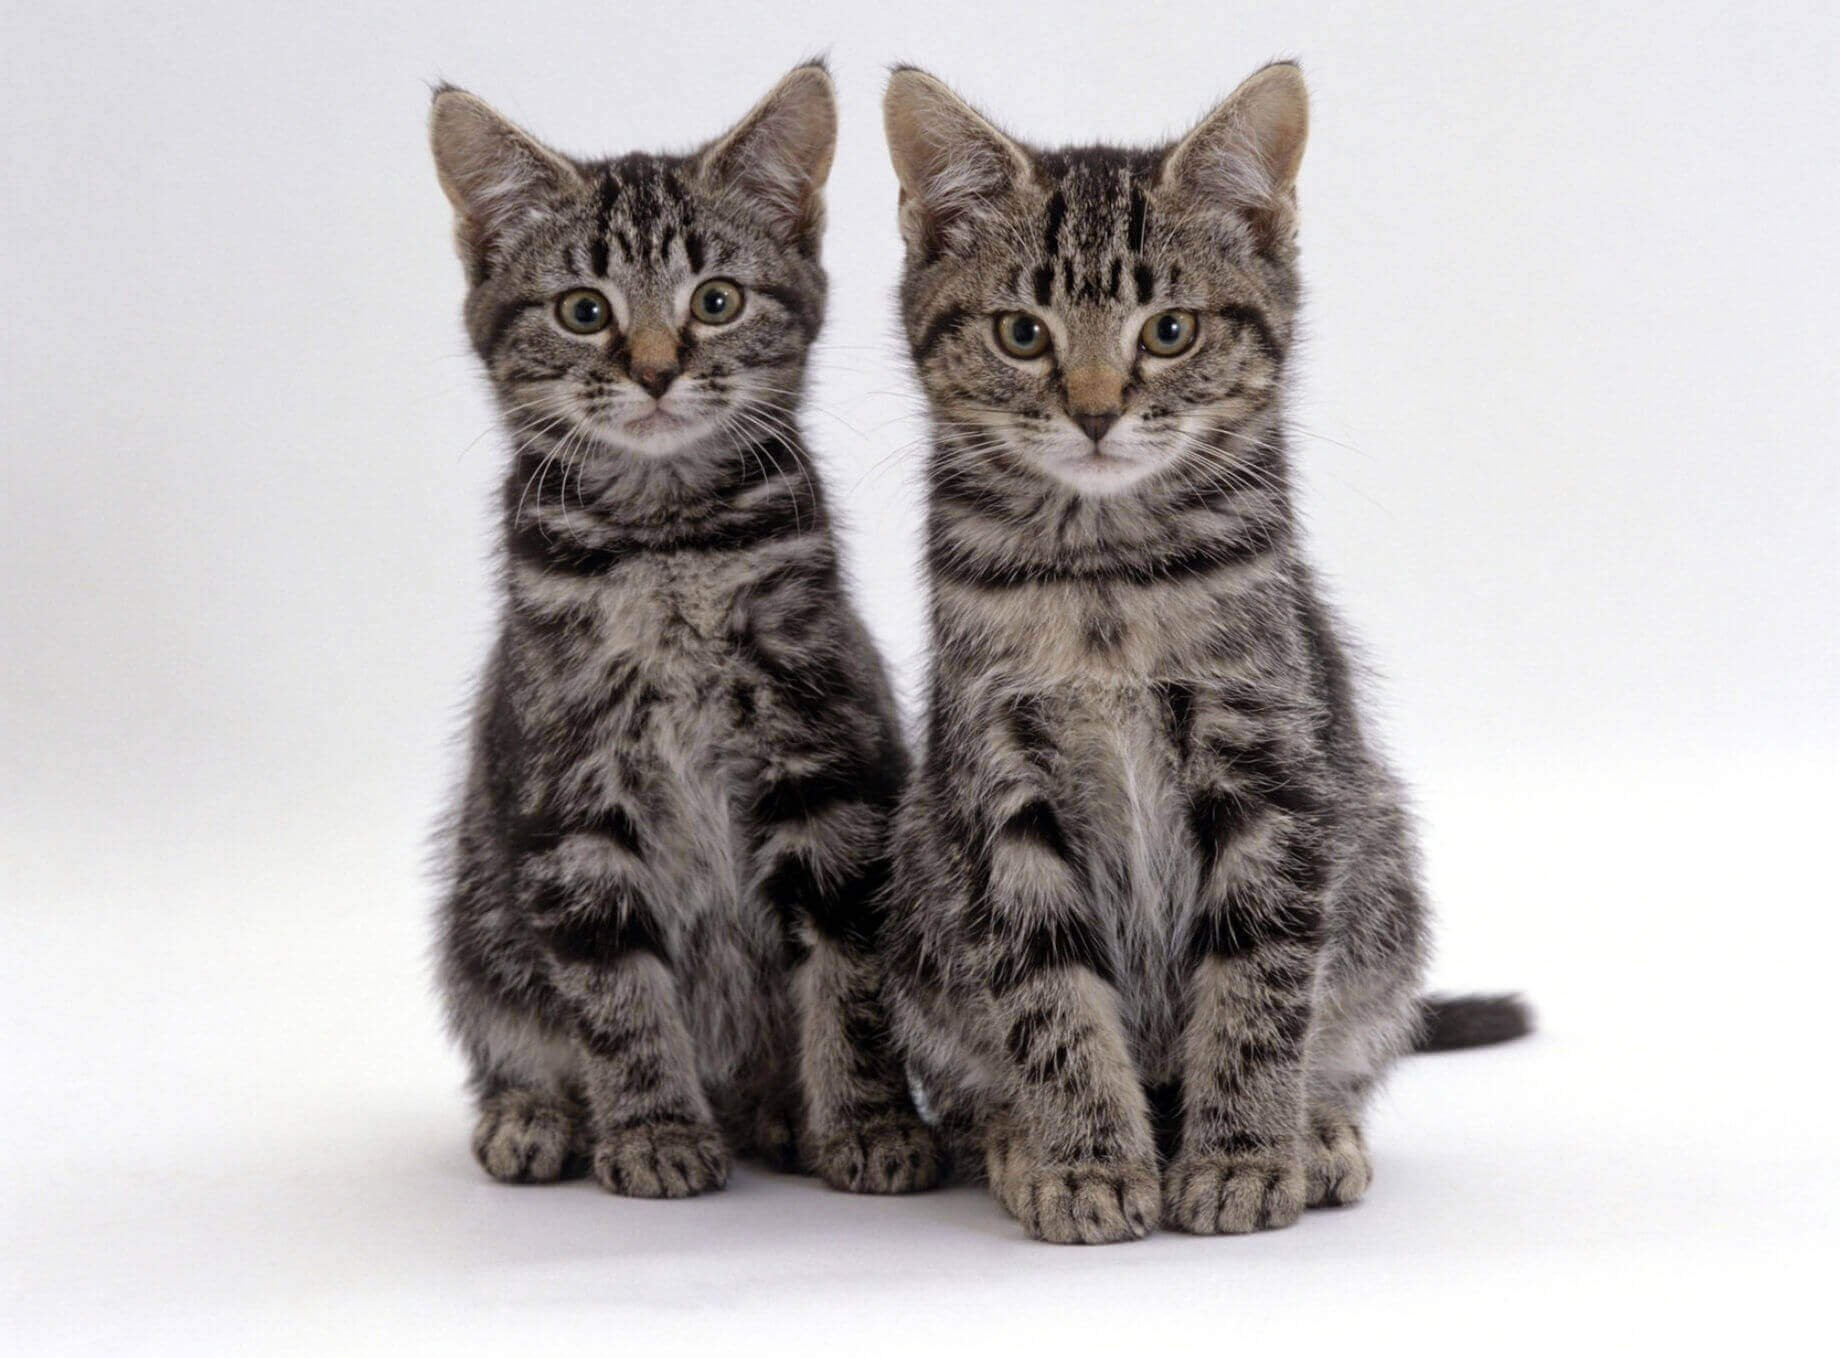 Кот или кошка: как определить пол питомца